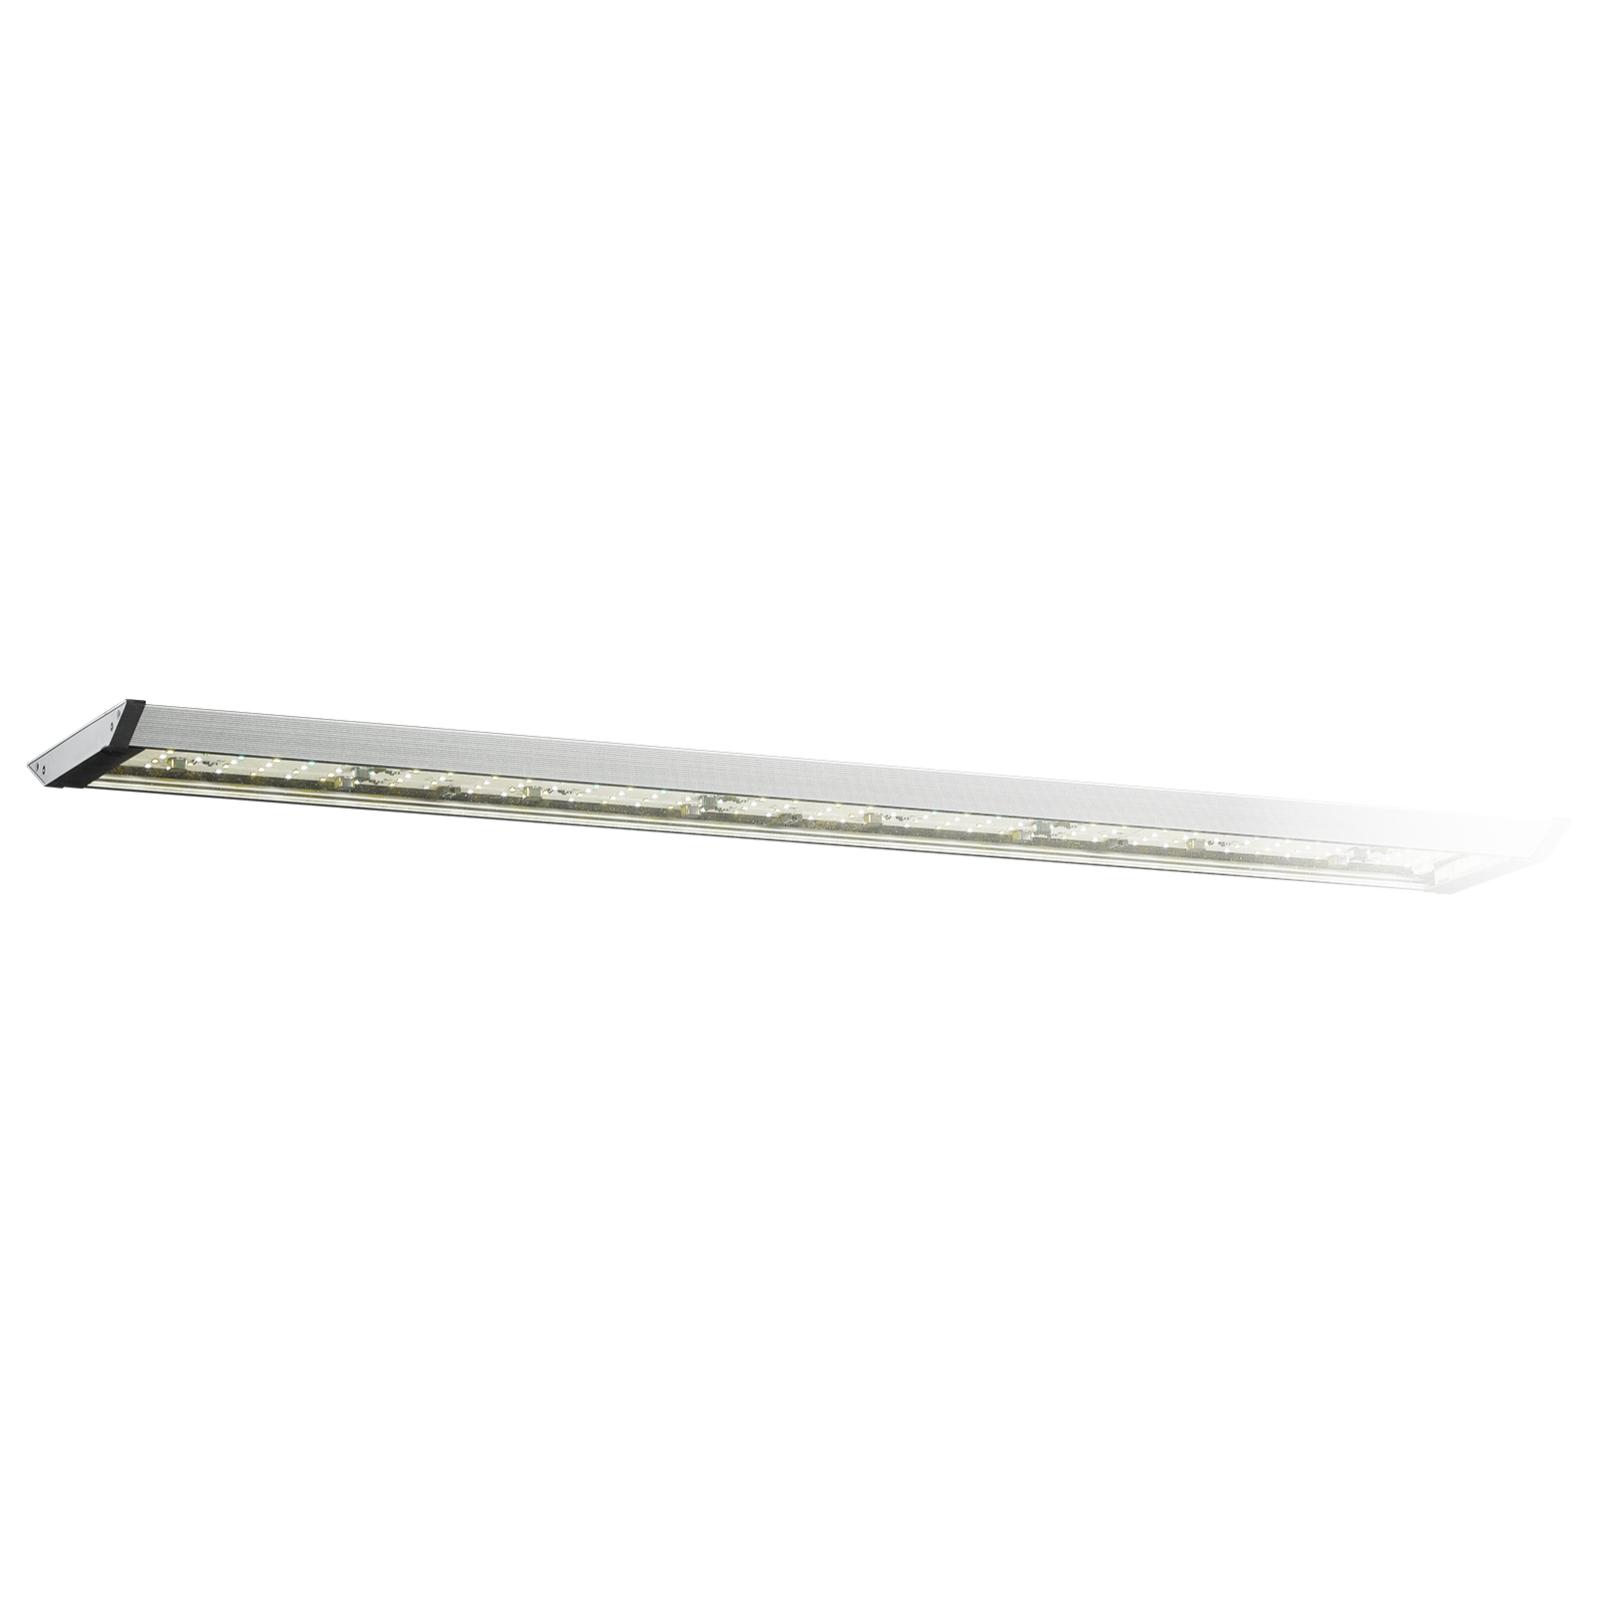 AQUA MEDIC Aquarius Plant 120 rampe LEDs spéciale eau douce pour aquarium de 115 à 135 cm de long